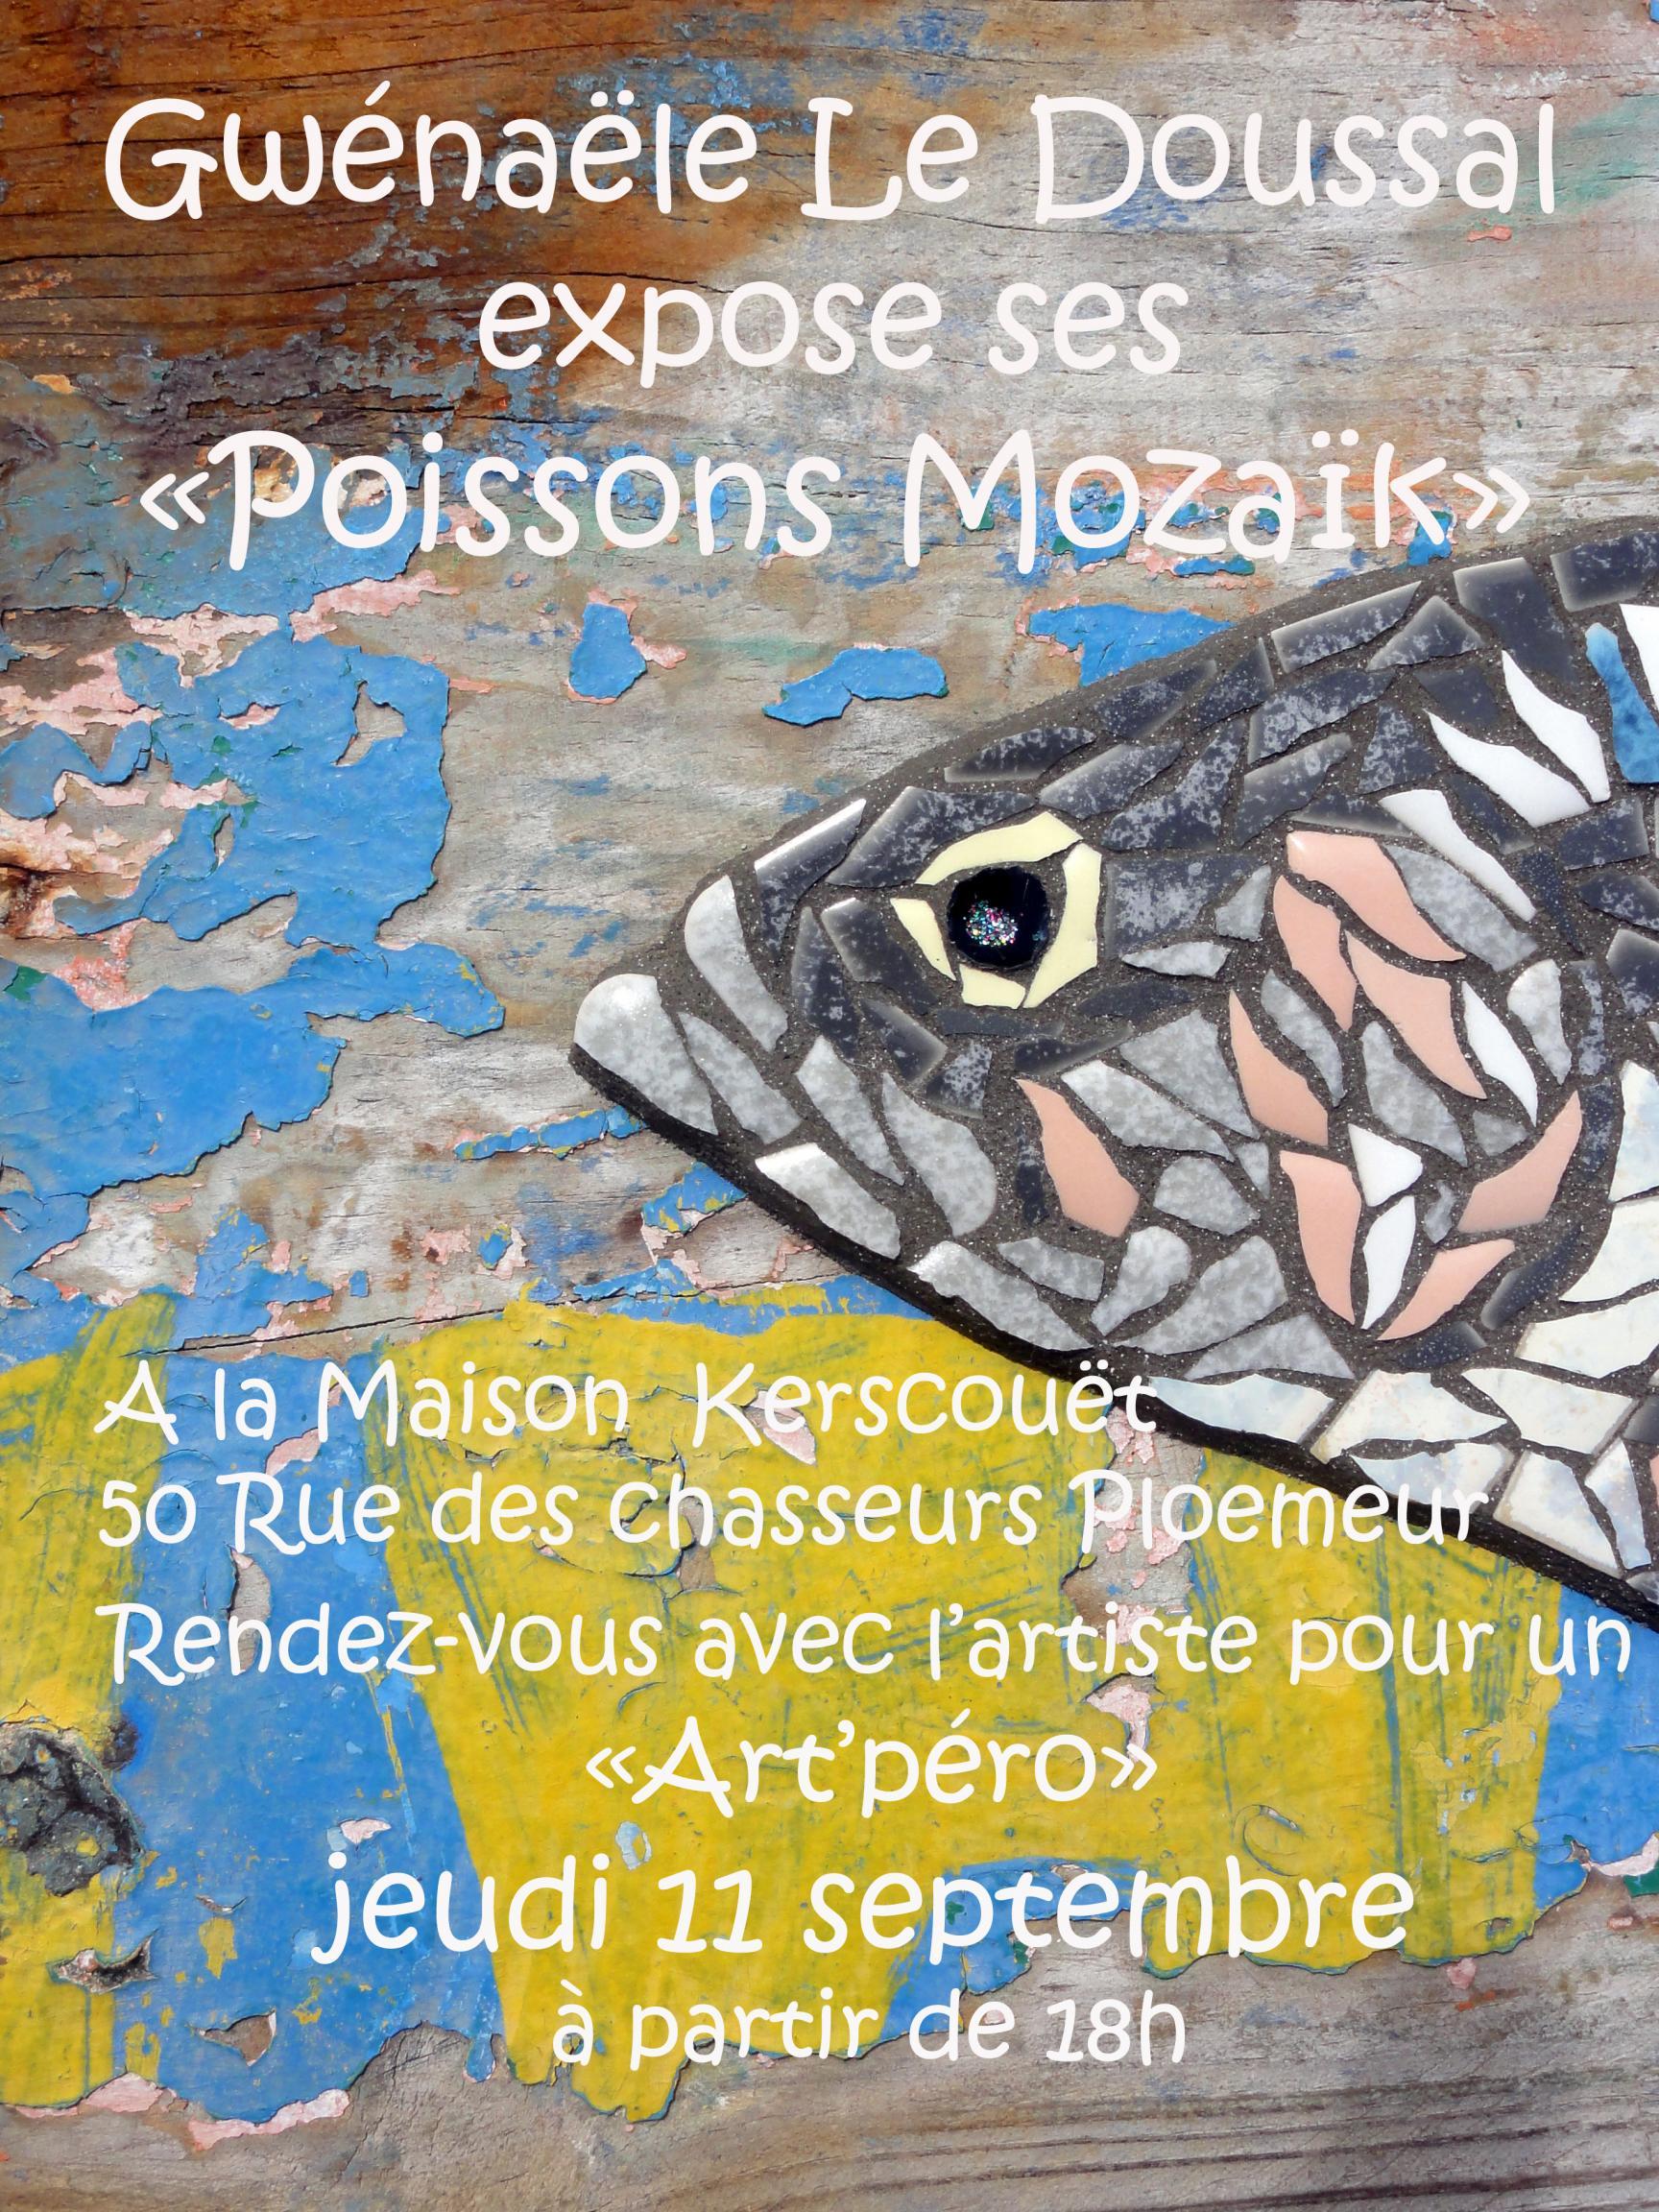 Actualité de gwenaele le doussal passionmozaik Exposition des